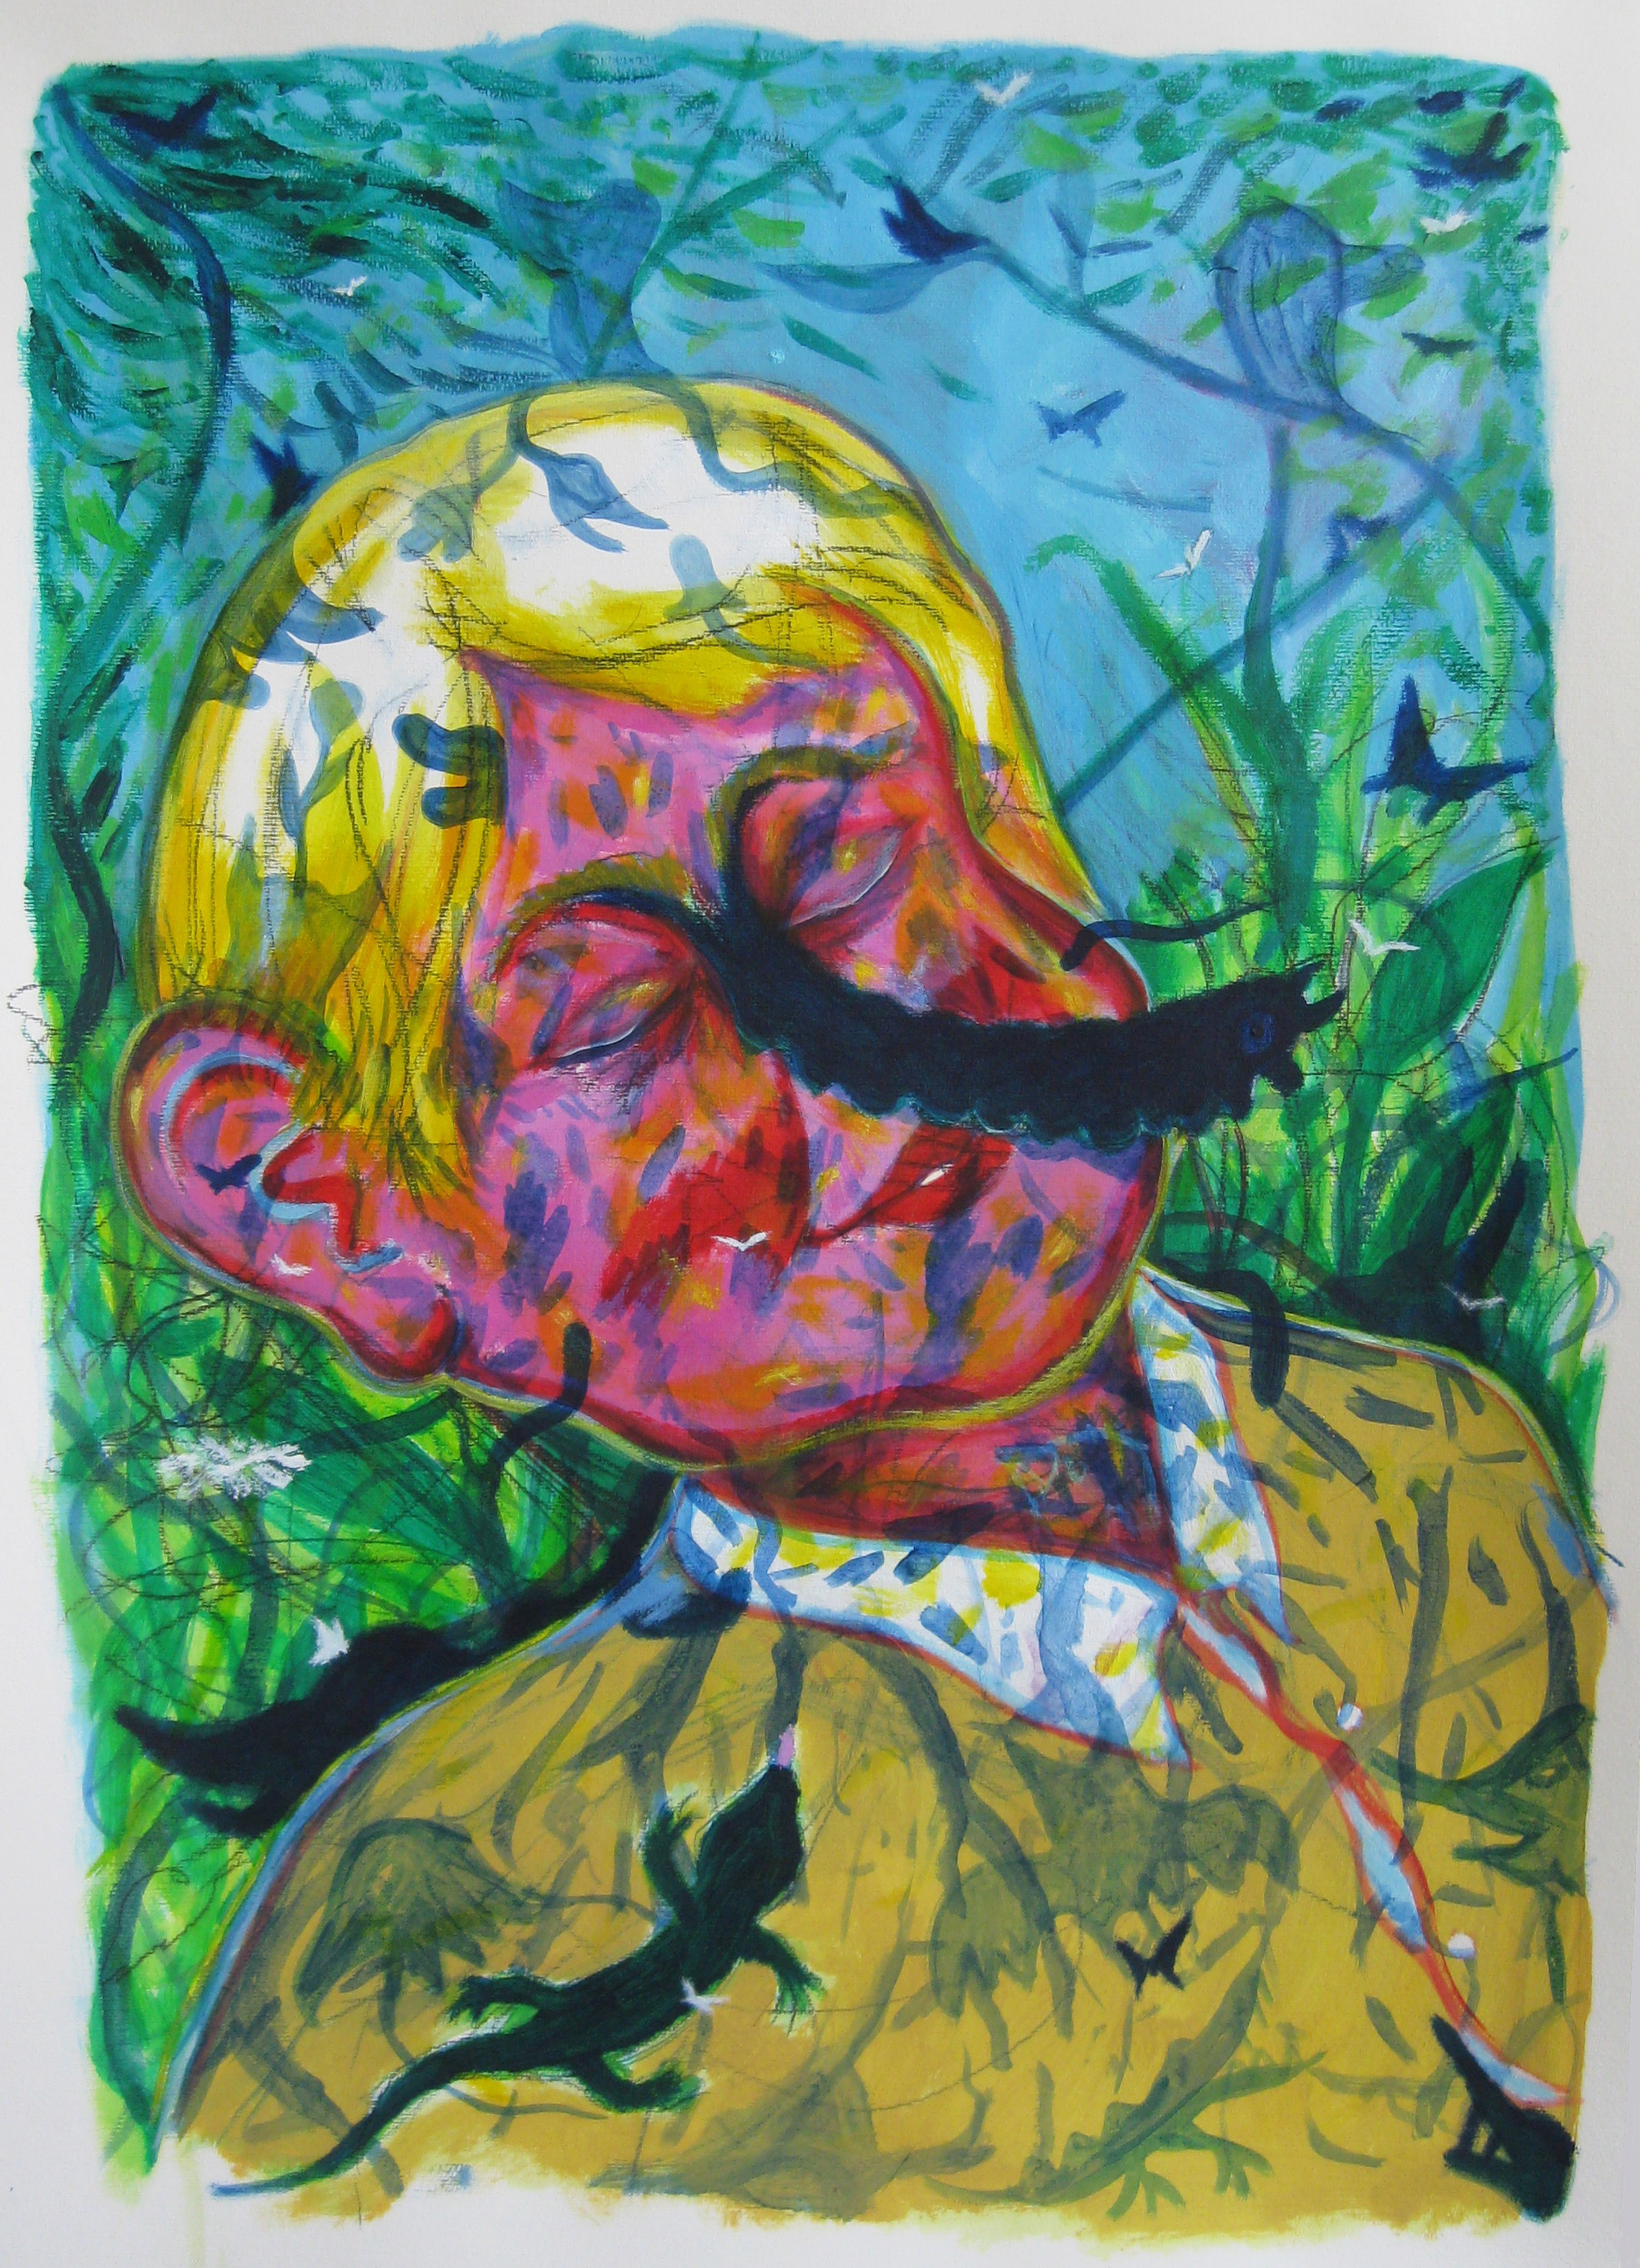 Und wenn mich nun niemand mehr weckt? Selfportrait  70 x 100  mixedmedia on paper